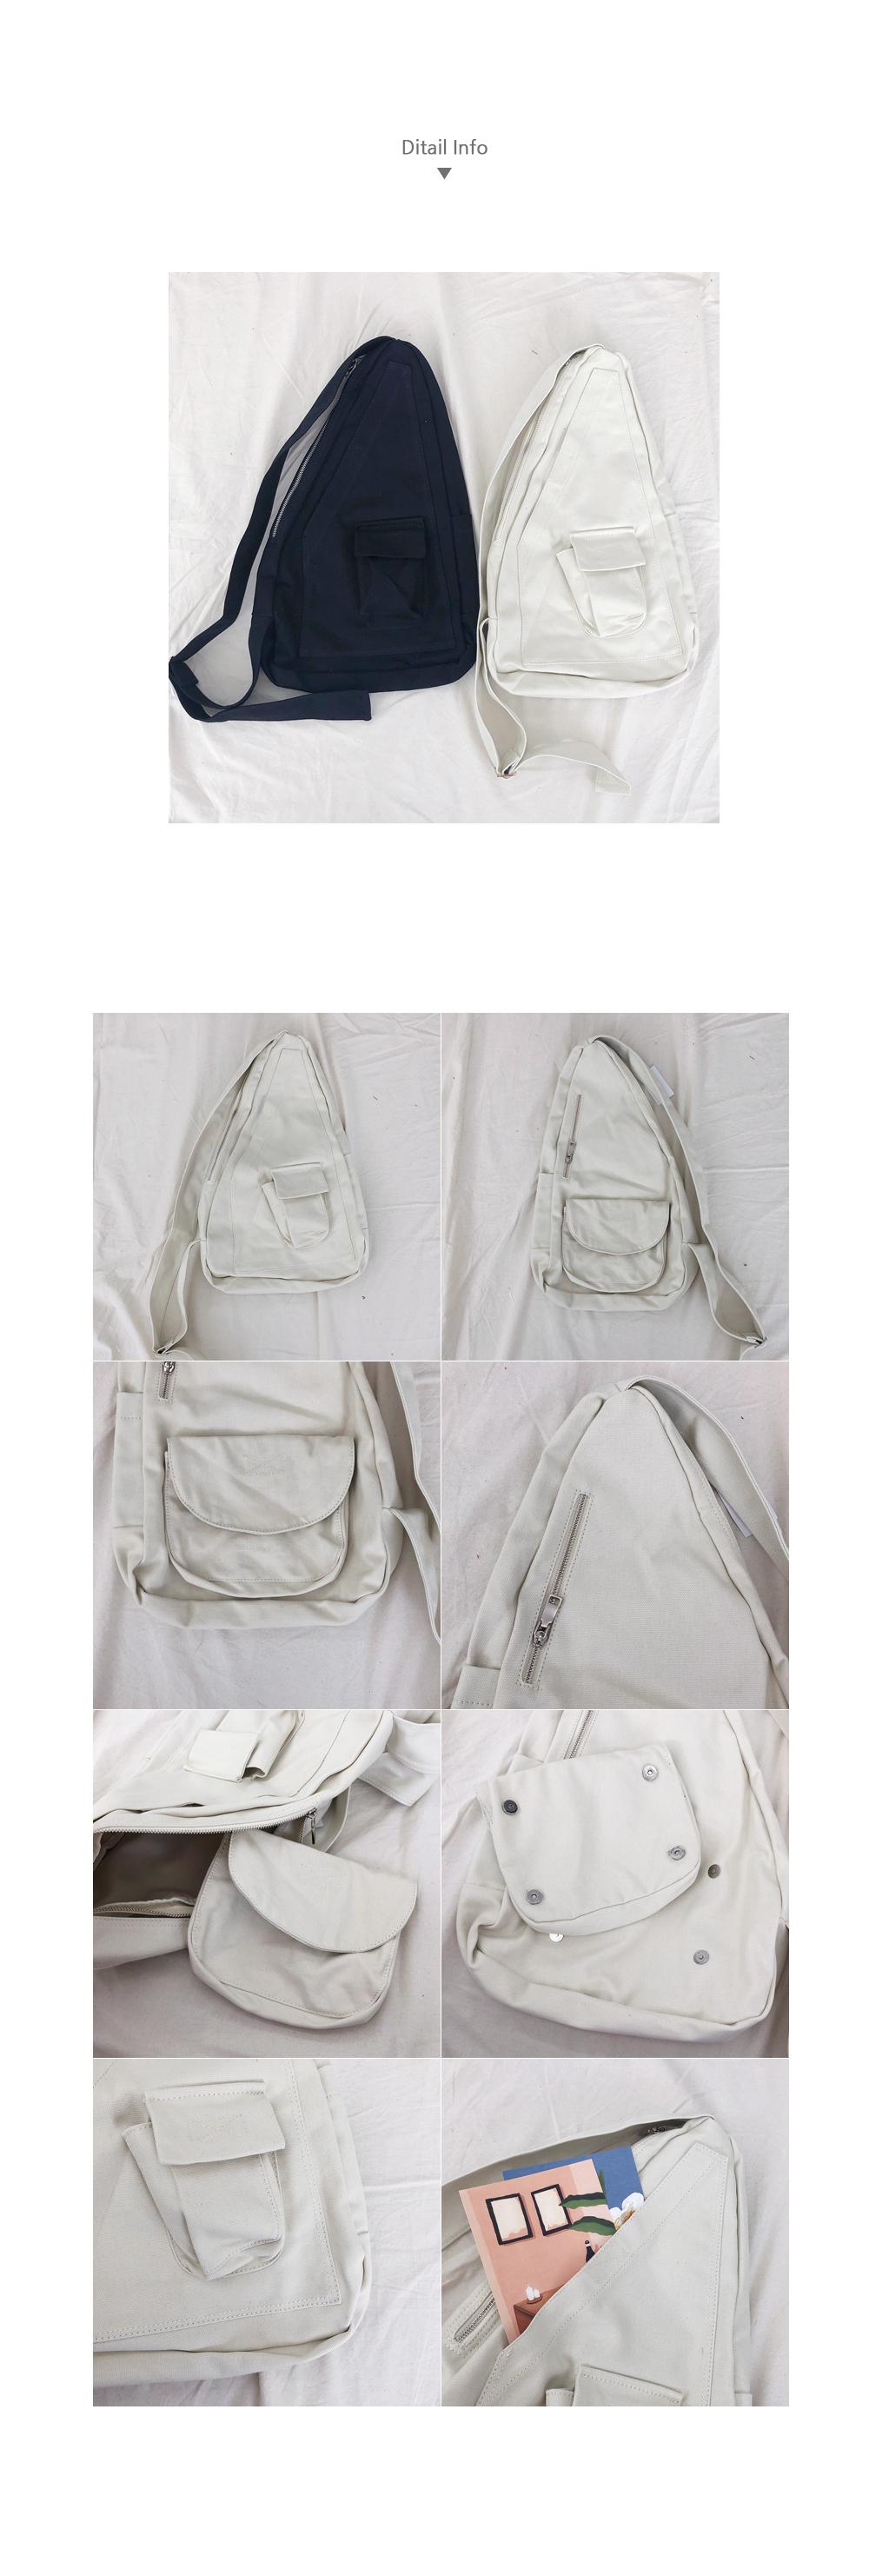 Mush Shoulder Bag